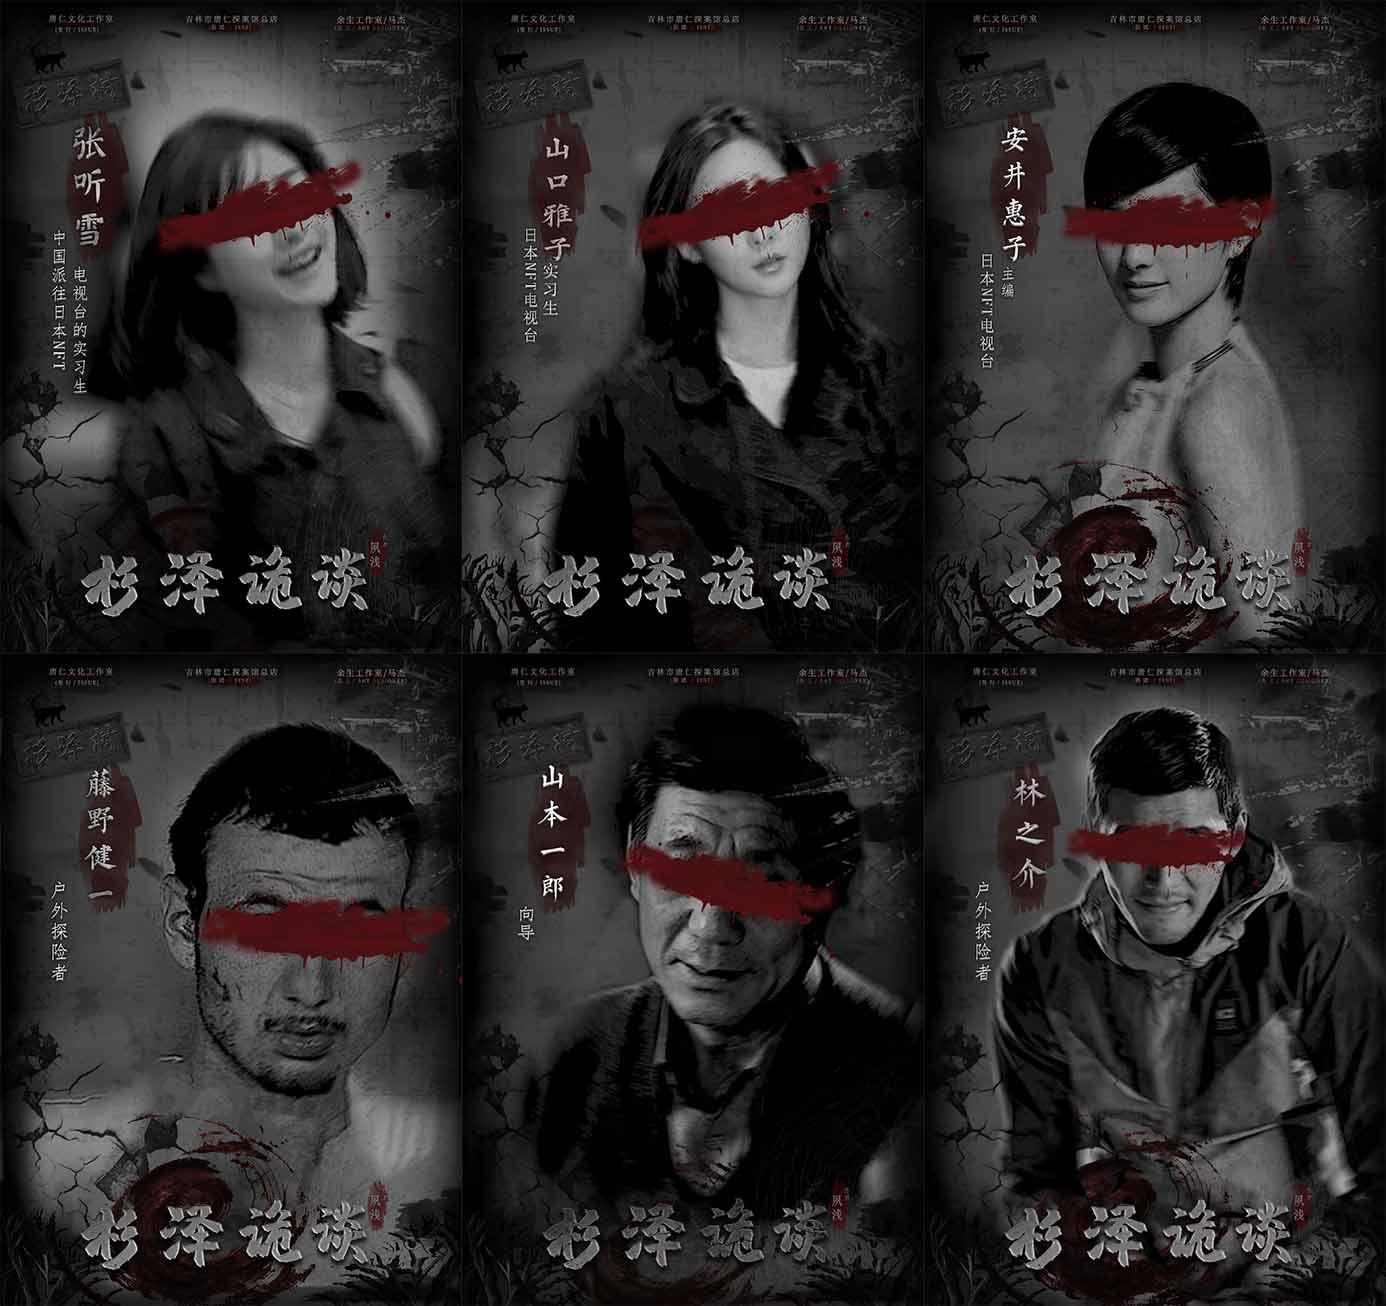 『杉泽诡谈』剧本杀真相复盘 凶手是谁 剧透解析 密码答案 结局攻略